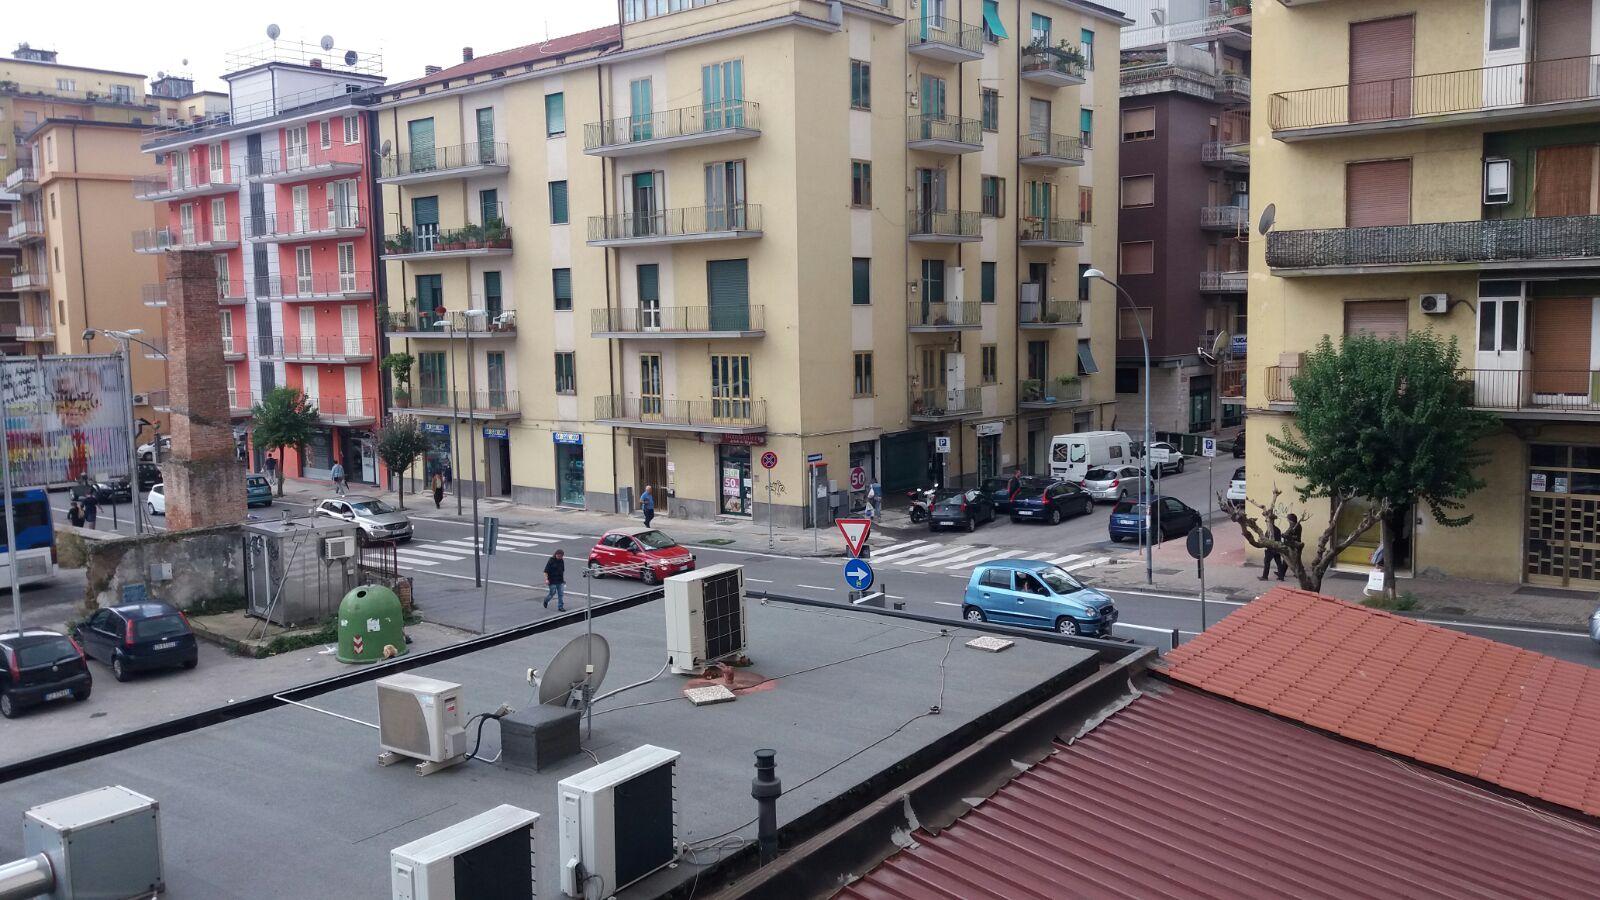 Appartamento in affitto a Avellino, 4 locali, zona Località: ViaCarducci, prezzo € 400 | Cambio Casa.it